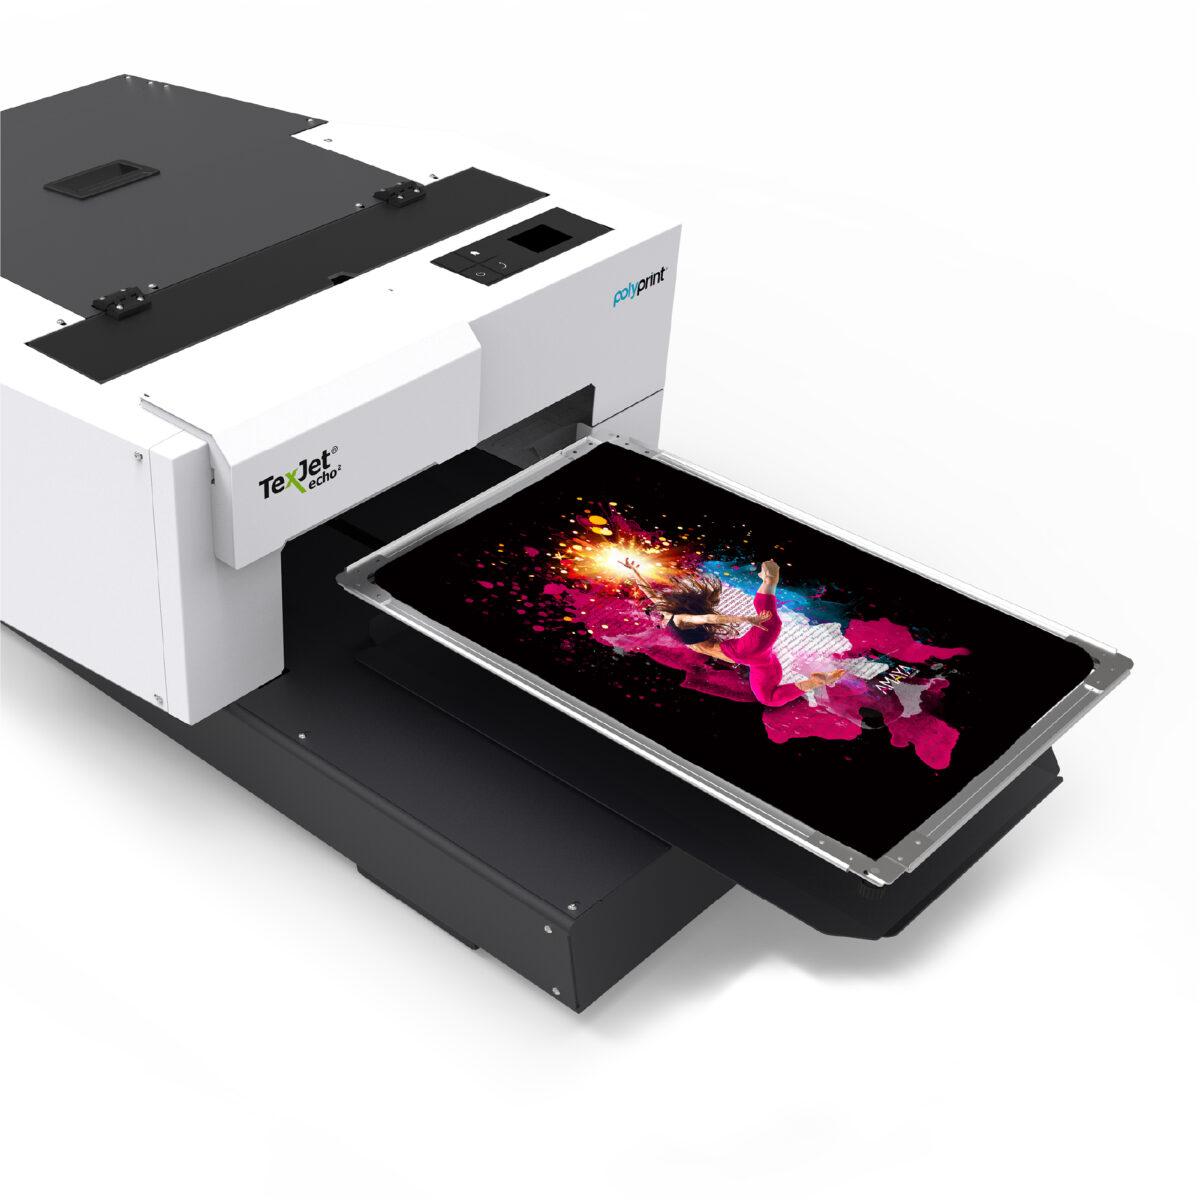 Texjet Echo DTG Printer